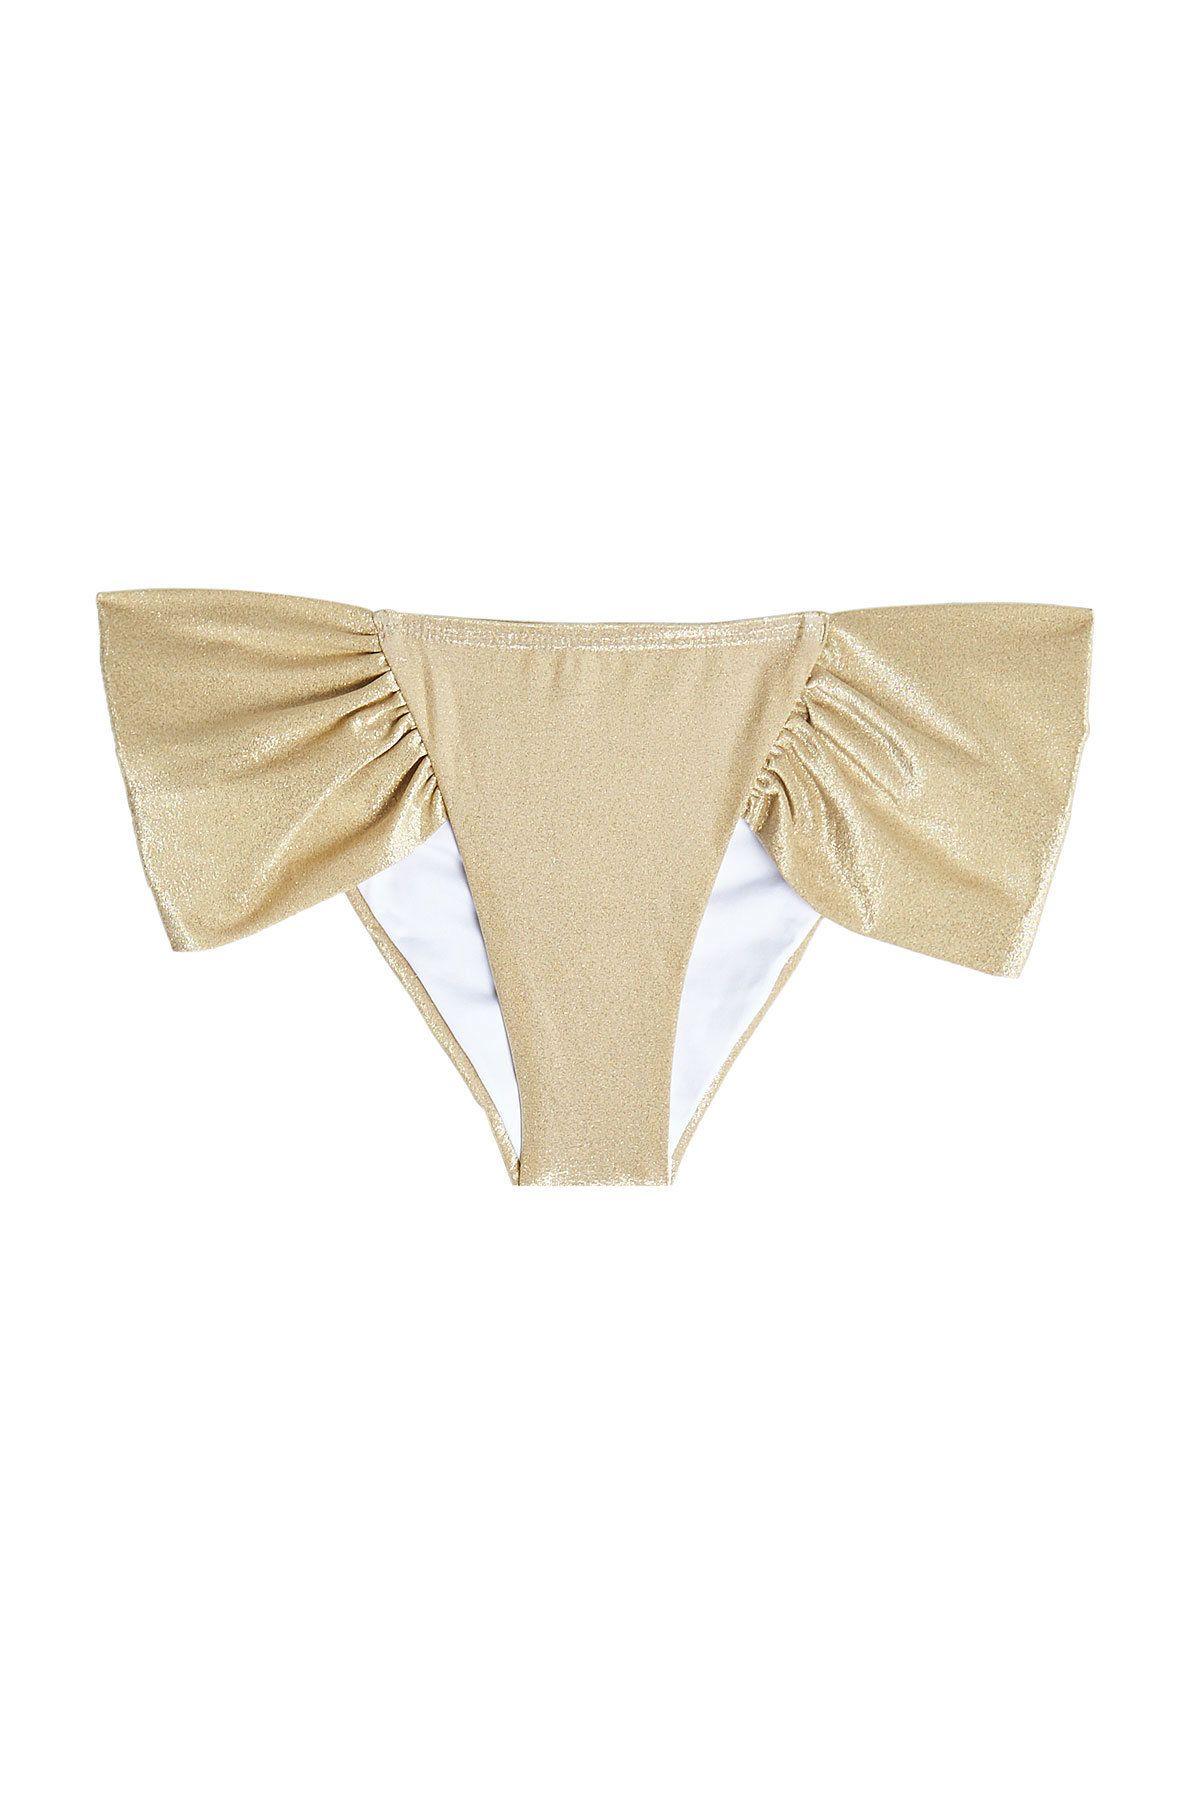 bda65ece0f5da ONDADEMAR Ondademar Ruched Bikini Bottom.  ondademar  cloth   Rouched Bikini  Bottoms